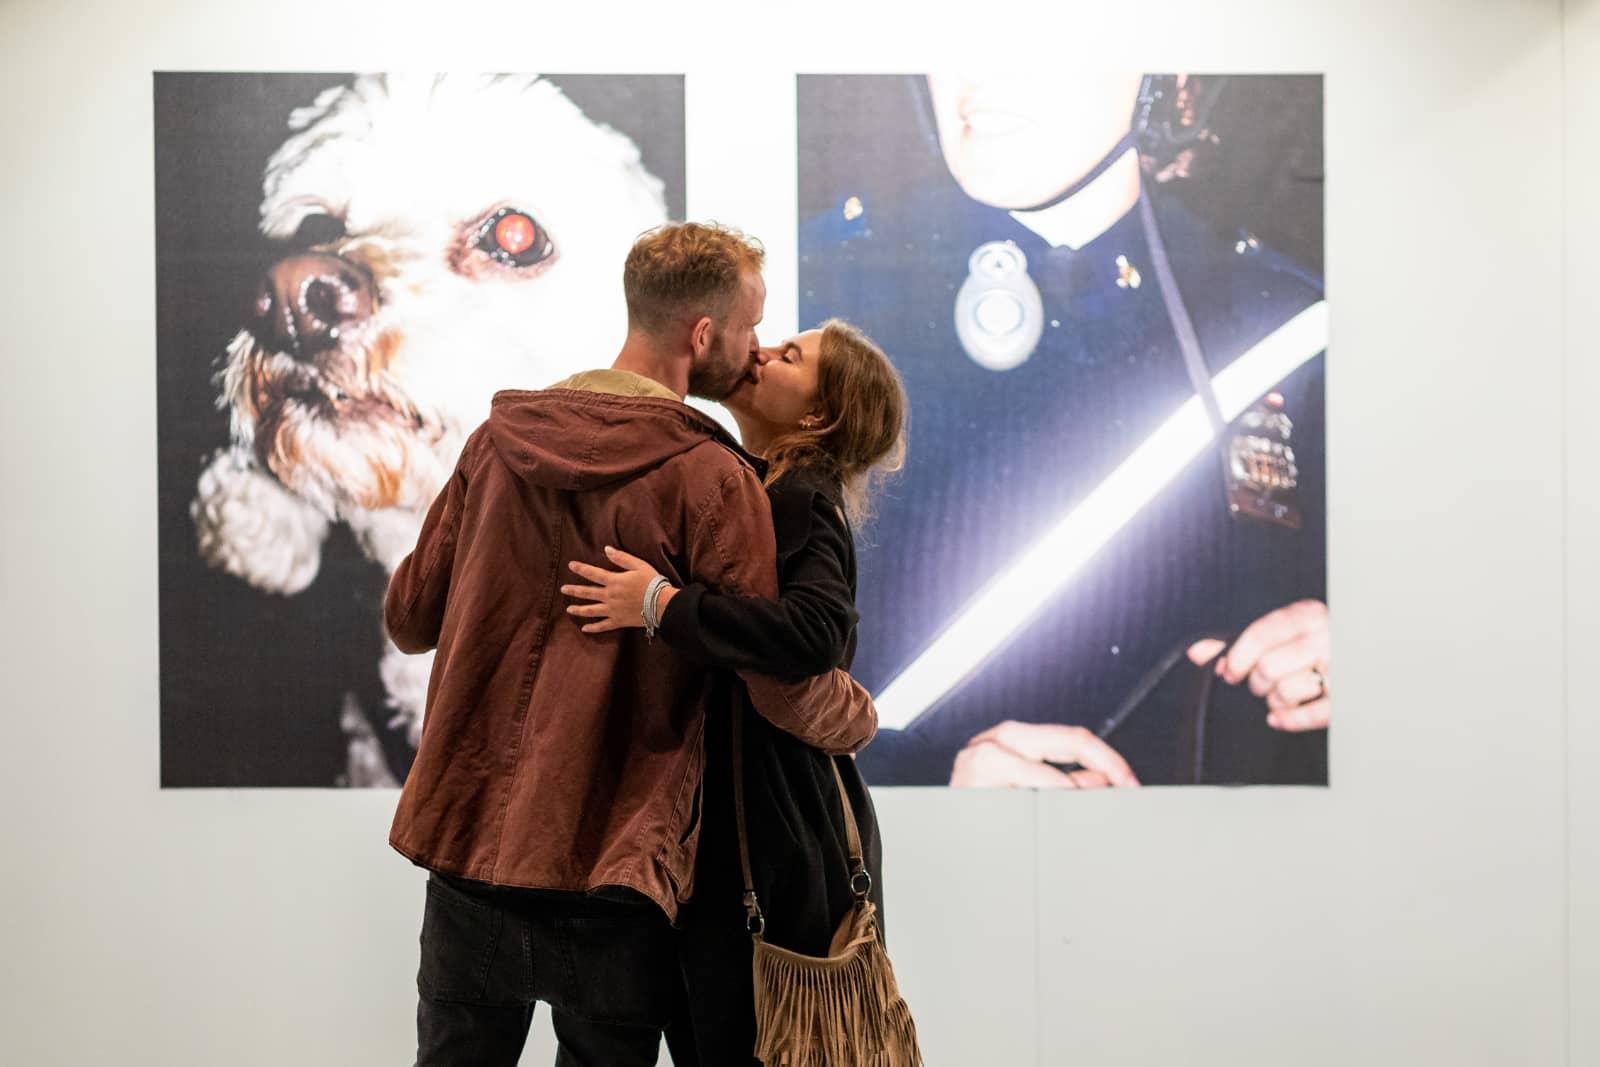 foto: Fotofestival Schiedam, zoenend koppel voor twee foto's